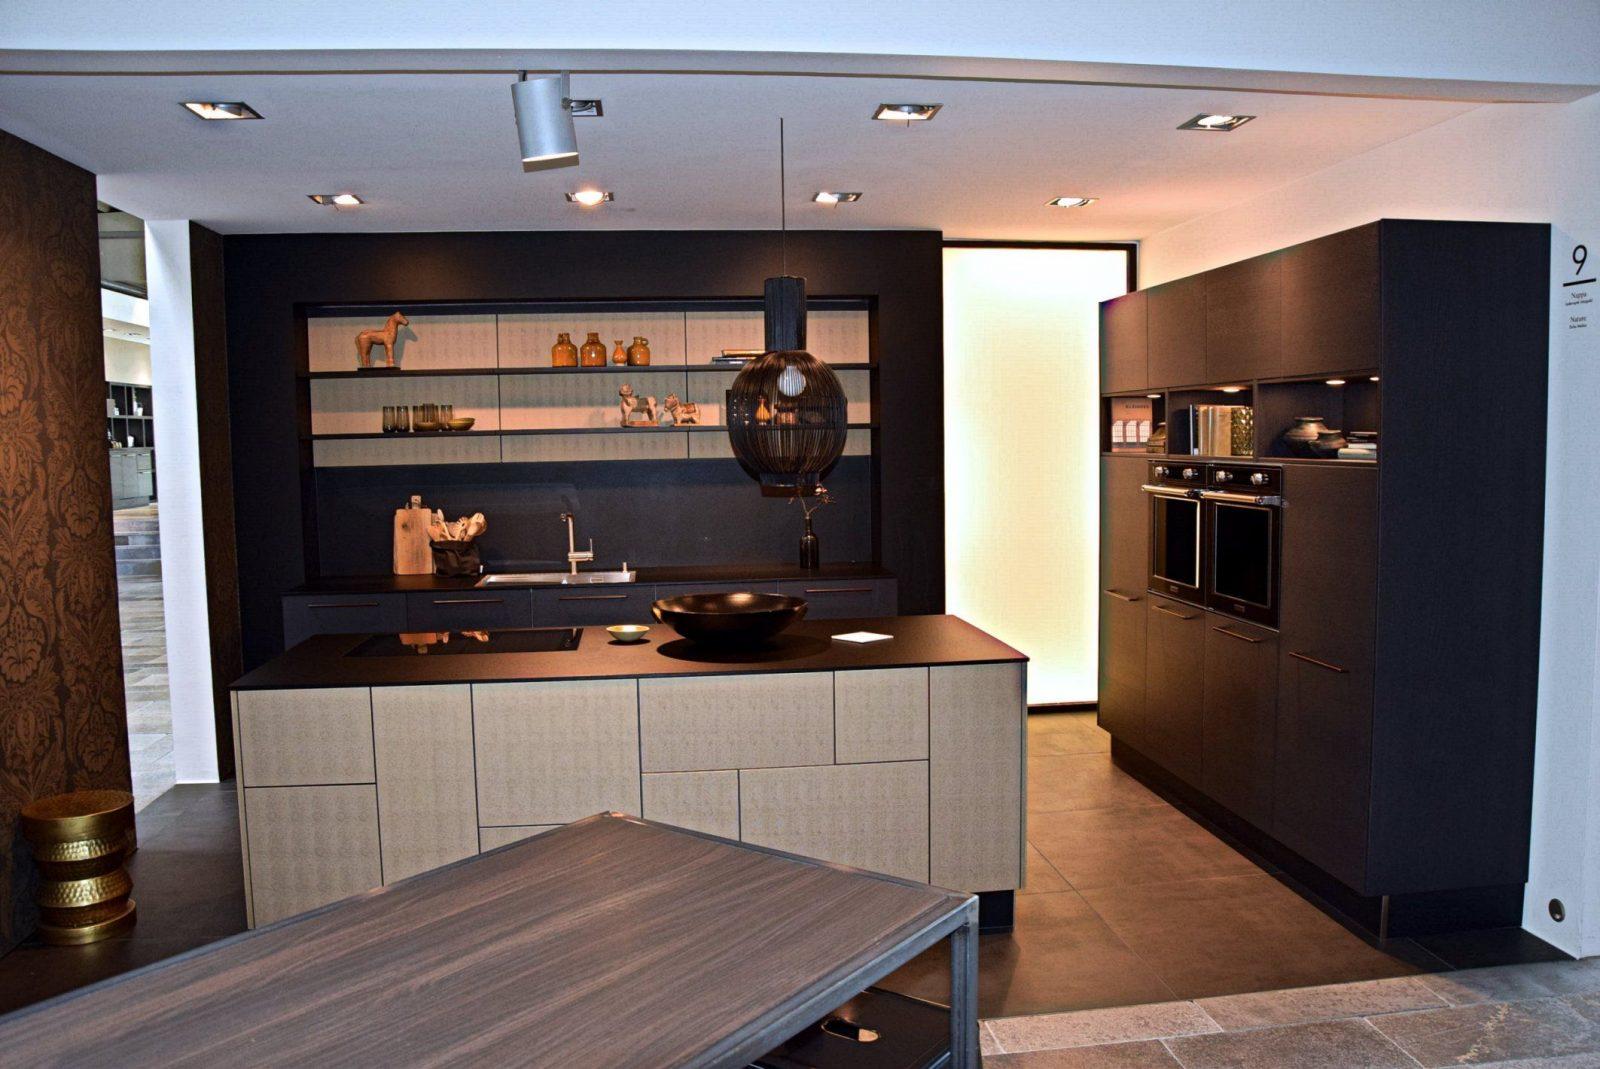 Nolte Küchen Schubladeneinsatz Ideen von Nolte Küchen Schubladen Einsatz Bild